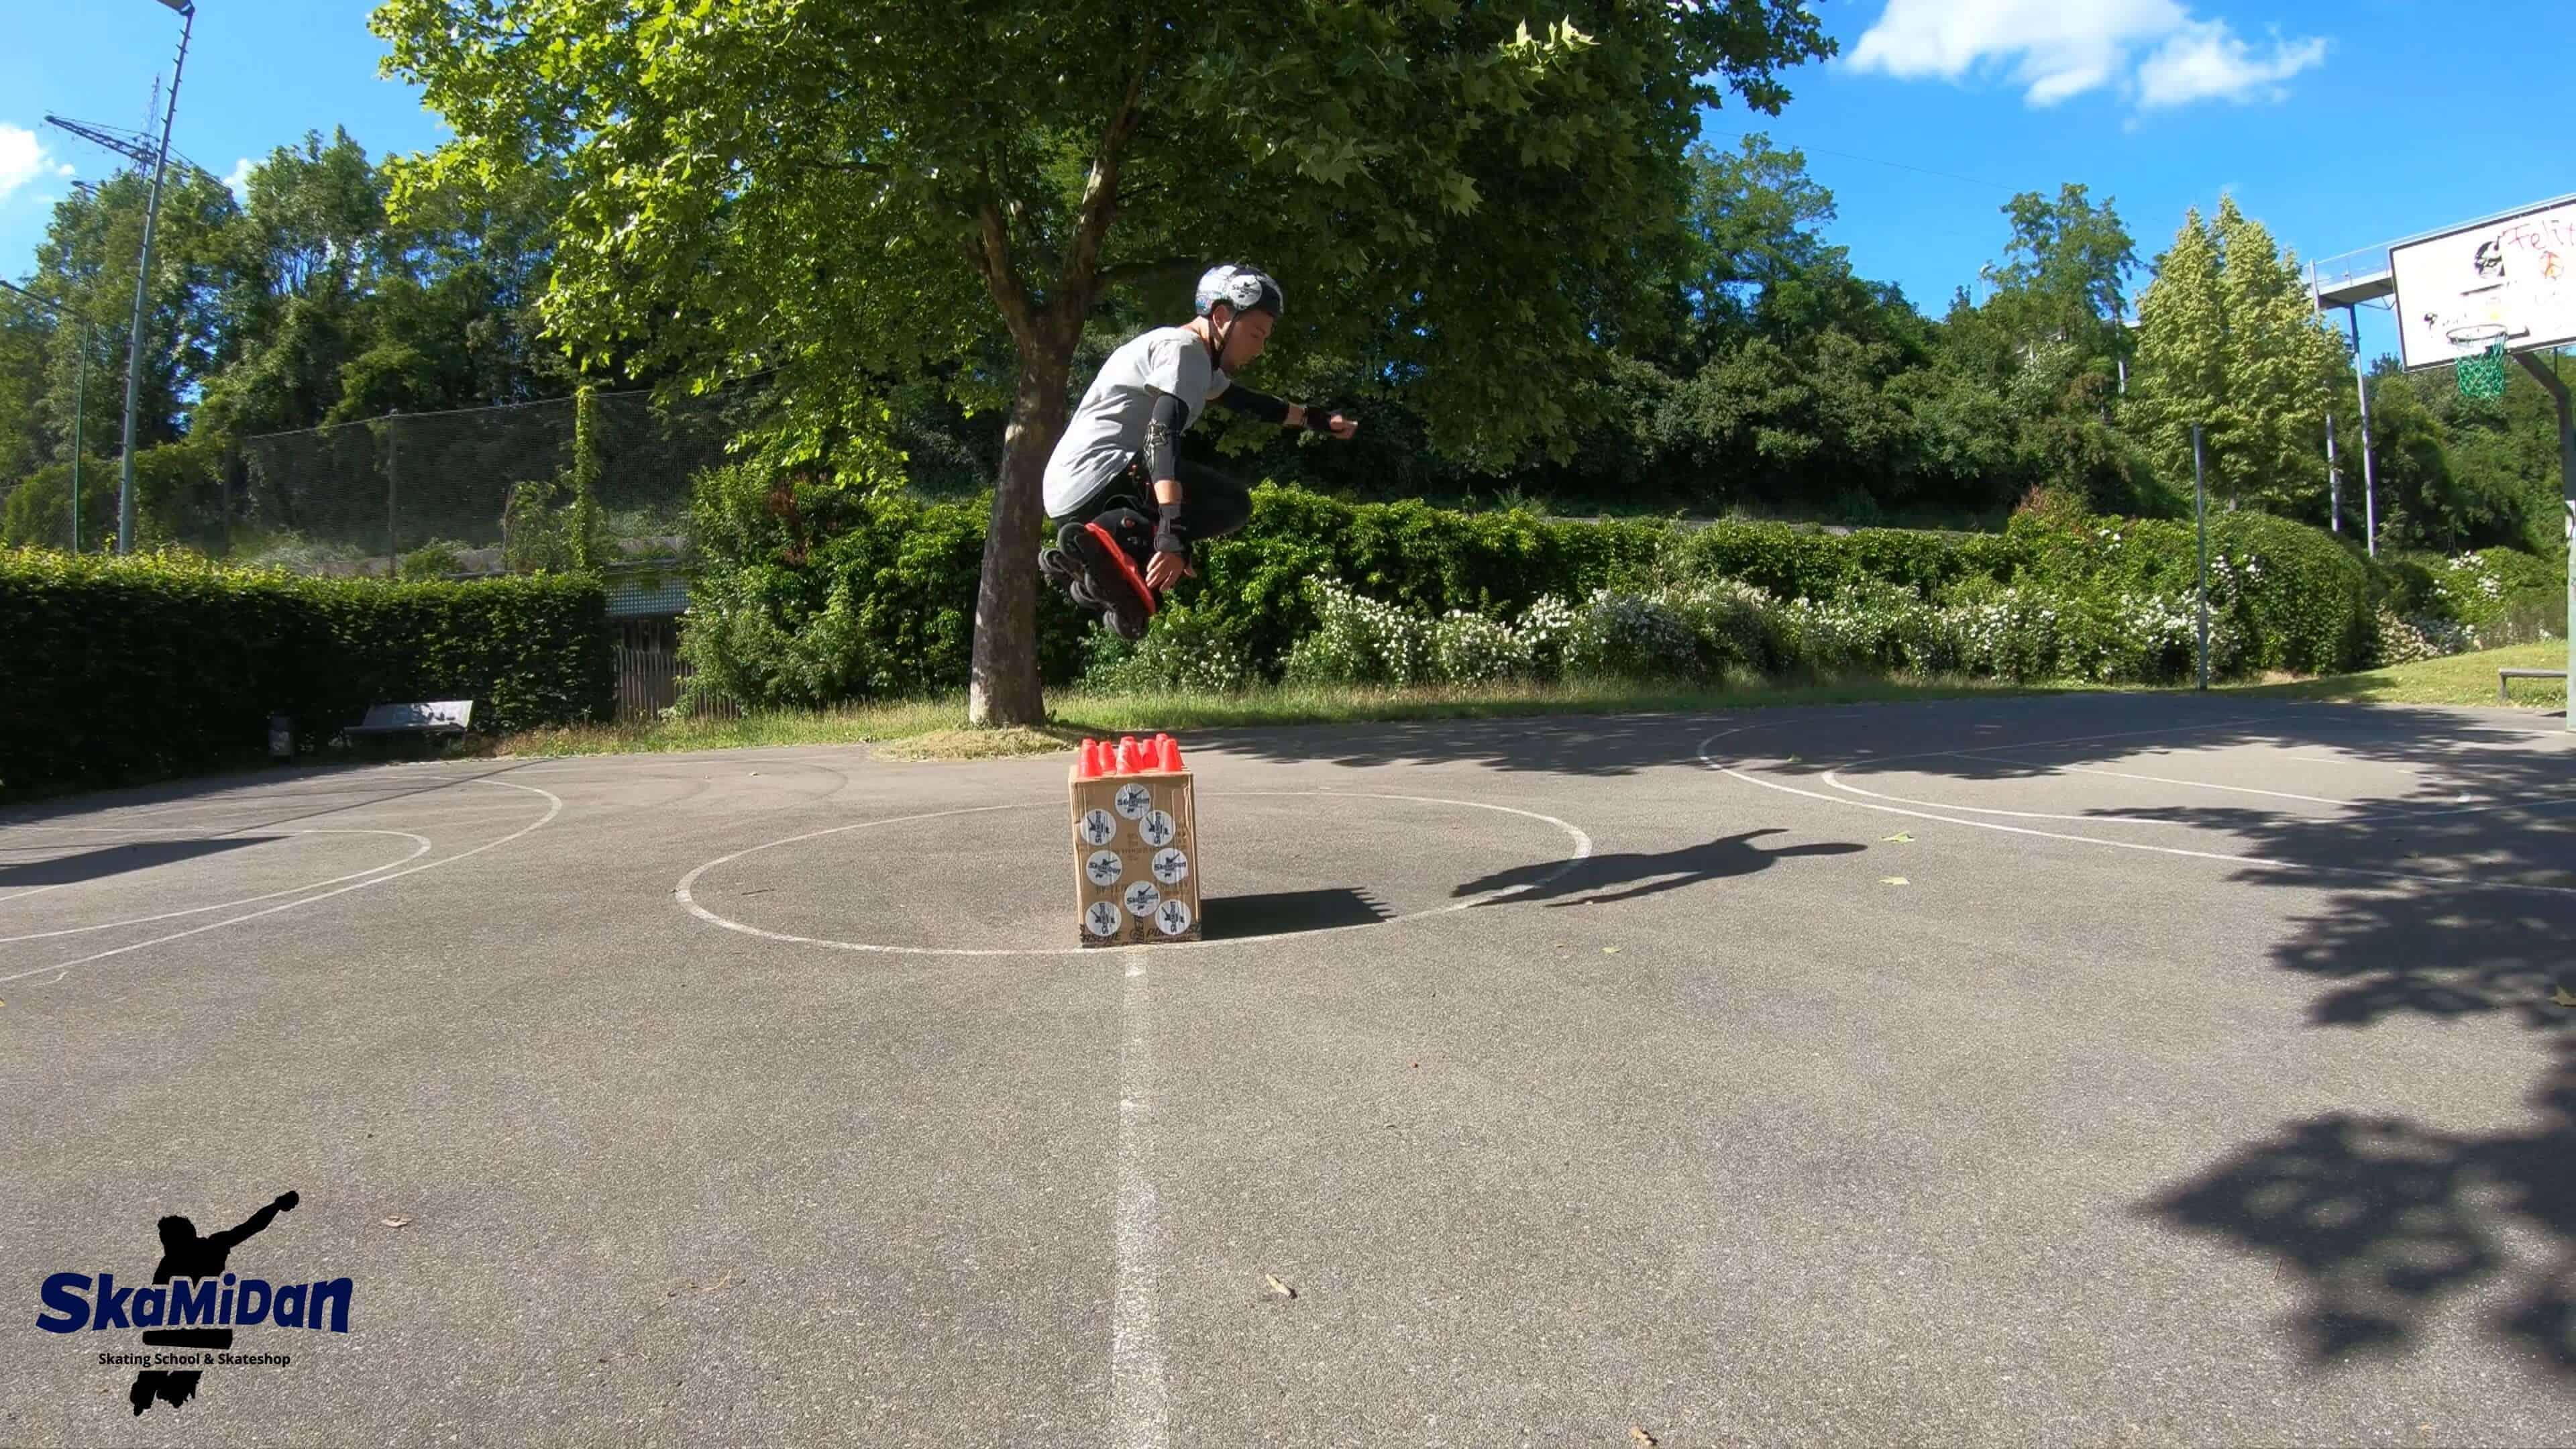 Inline Skating Beginner Anfänger Inliner Skateschule Weil am Rhein SkaMiDan